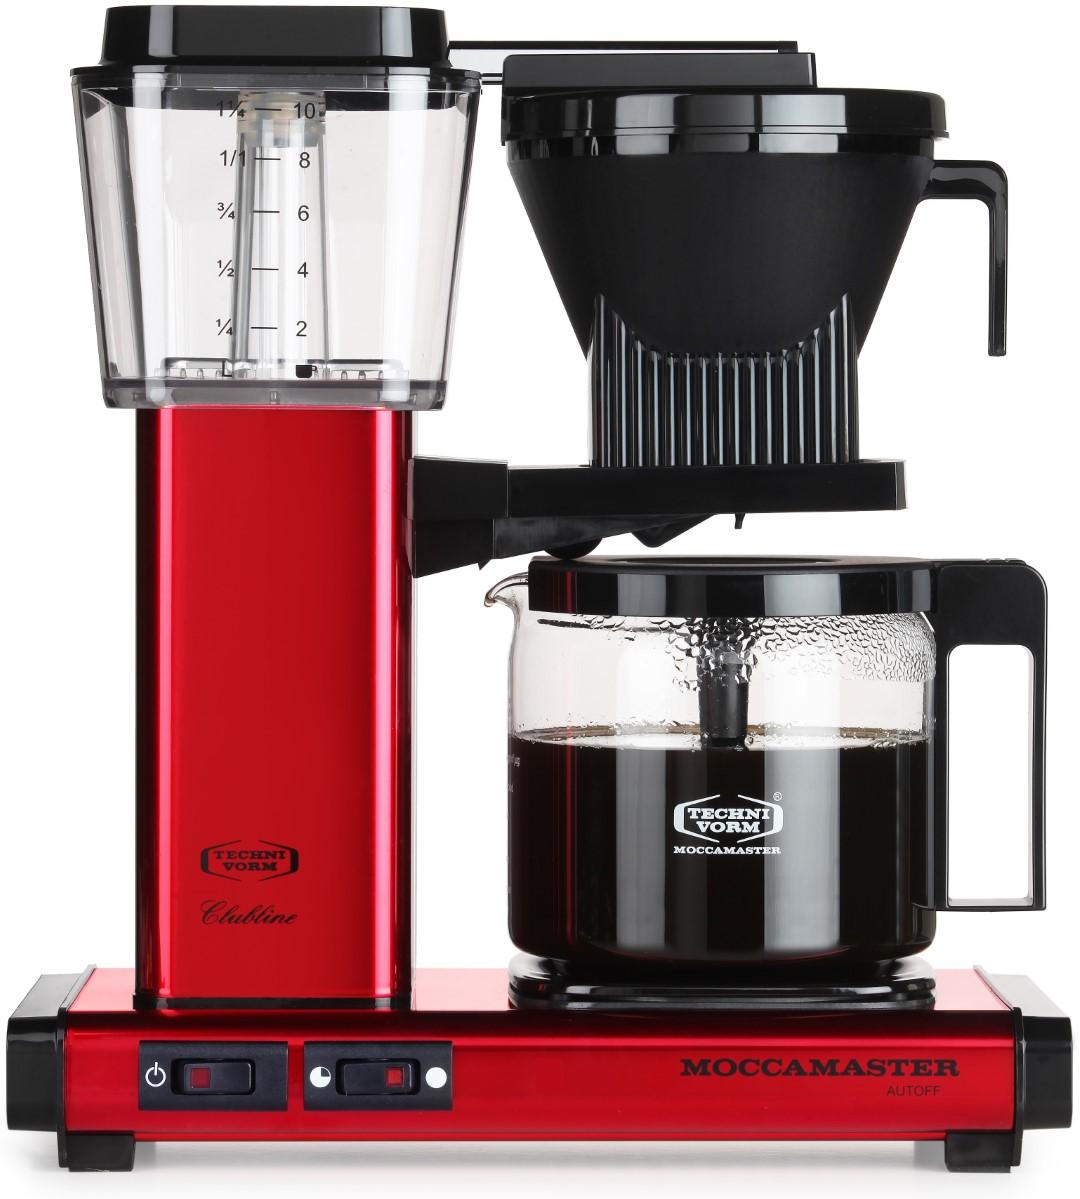 Moccamaster - Moccamaster KBG 741 AO Filtre Kahve Makinesi Red Metallic